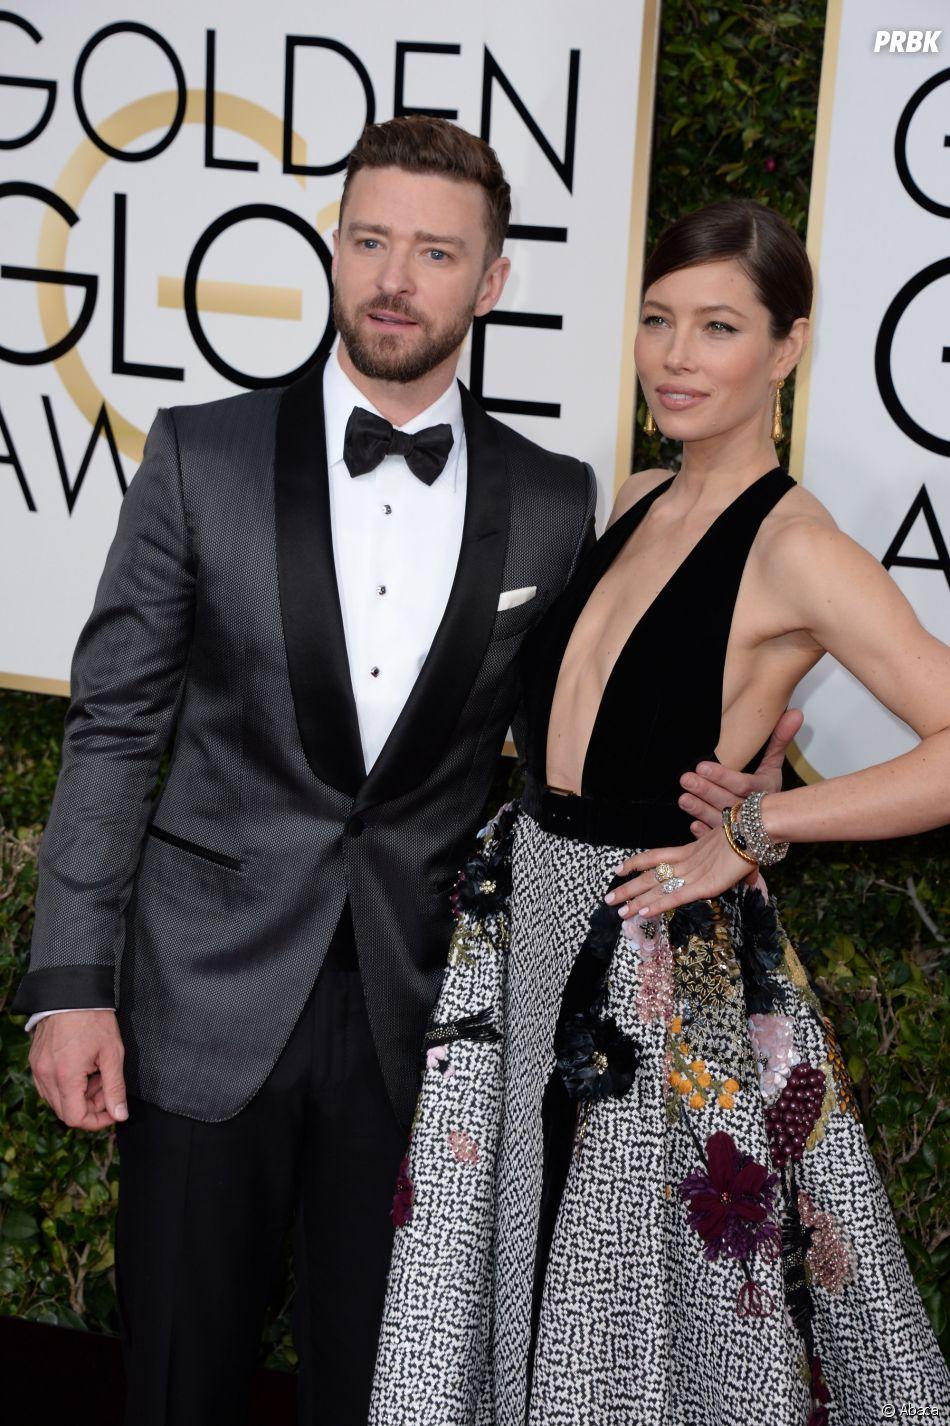 Justin Timberlake et Jessica Biel sur le tapis-rouge des Golden Globes 2017 le 8 janvier à Los Angeles